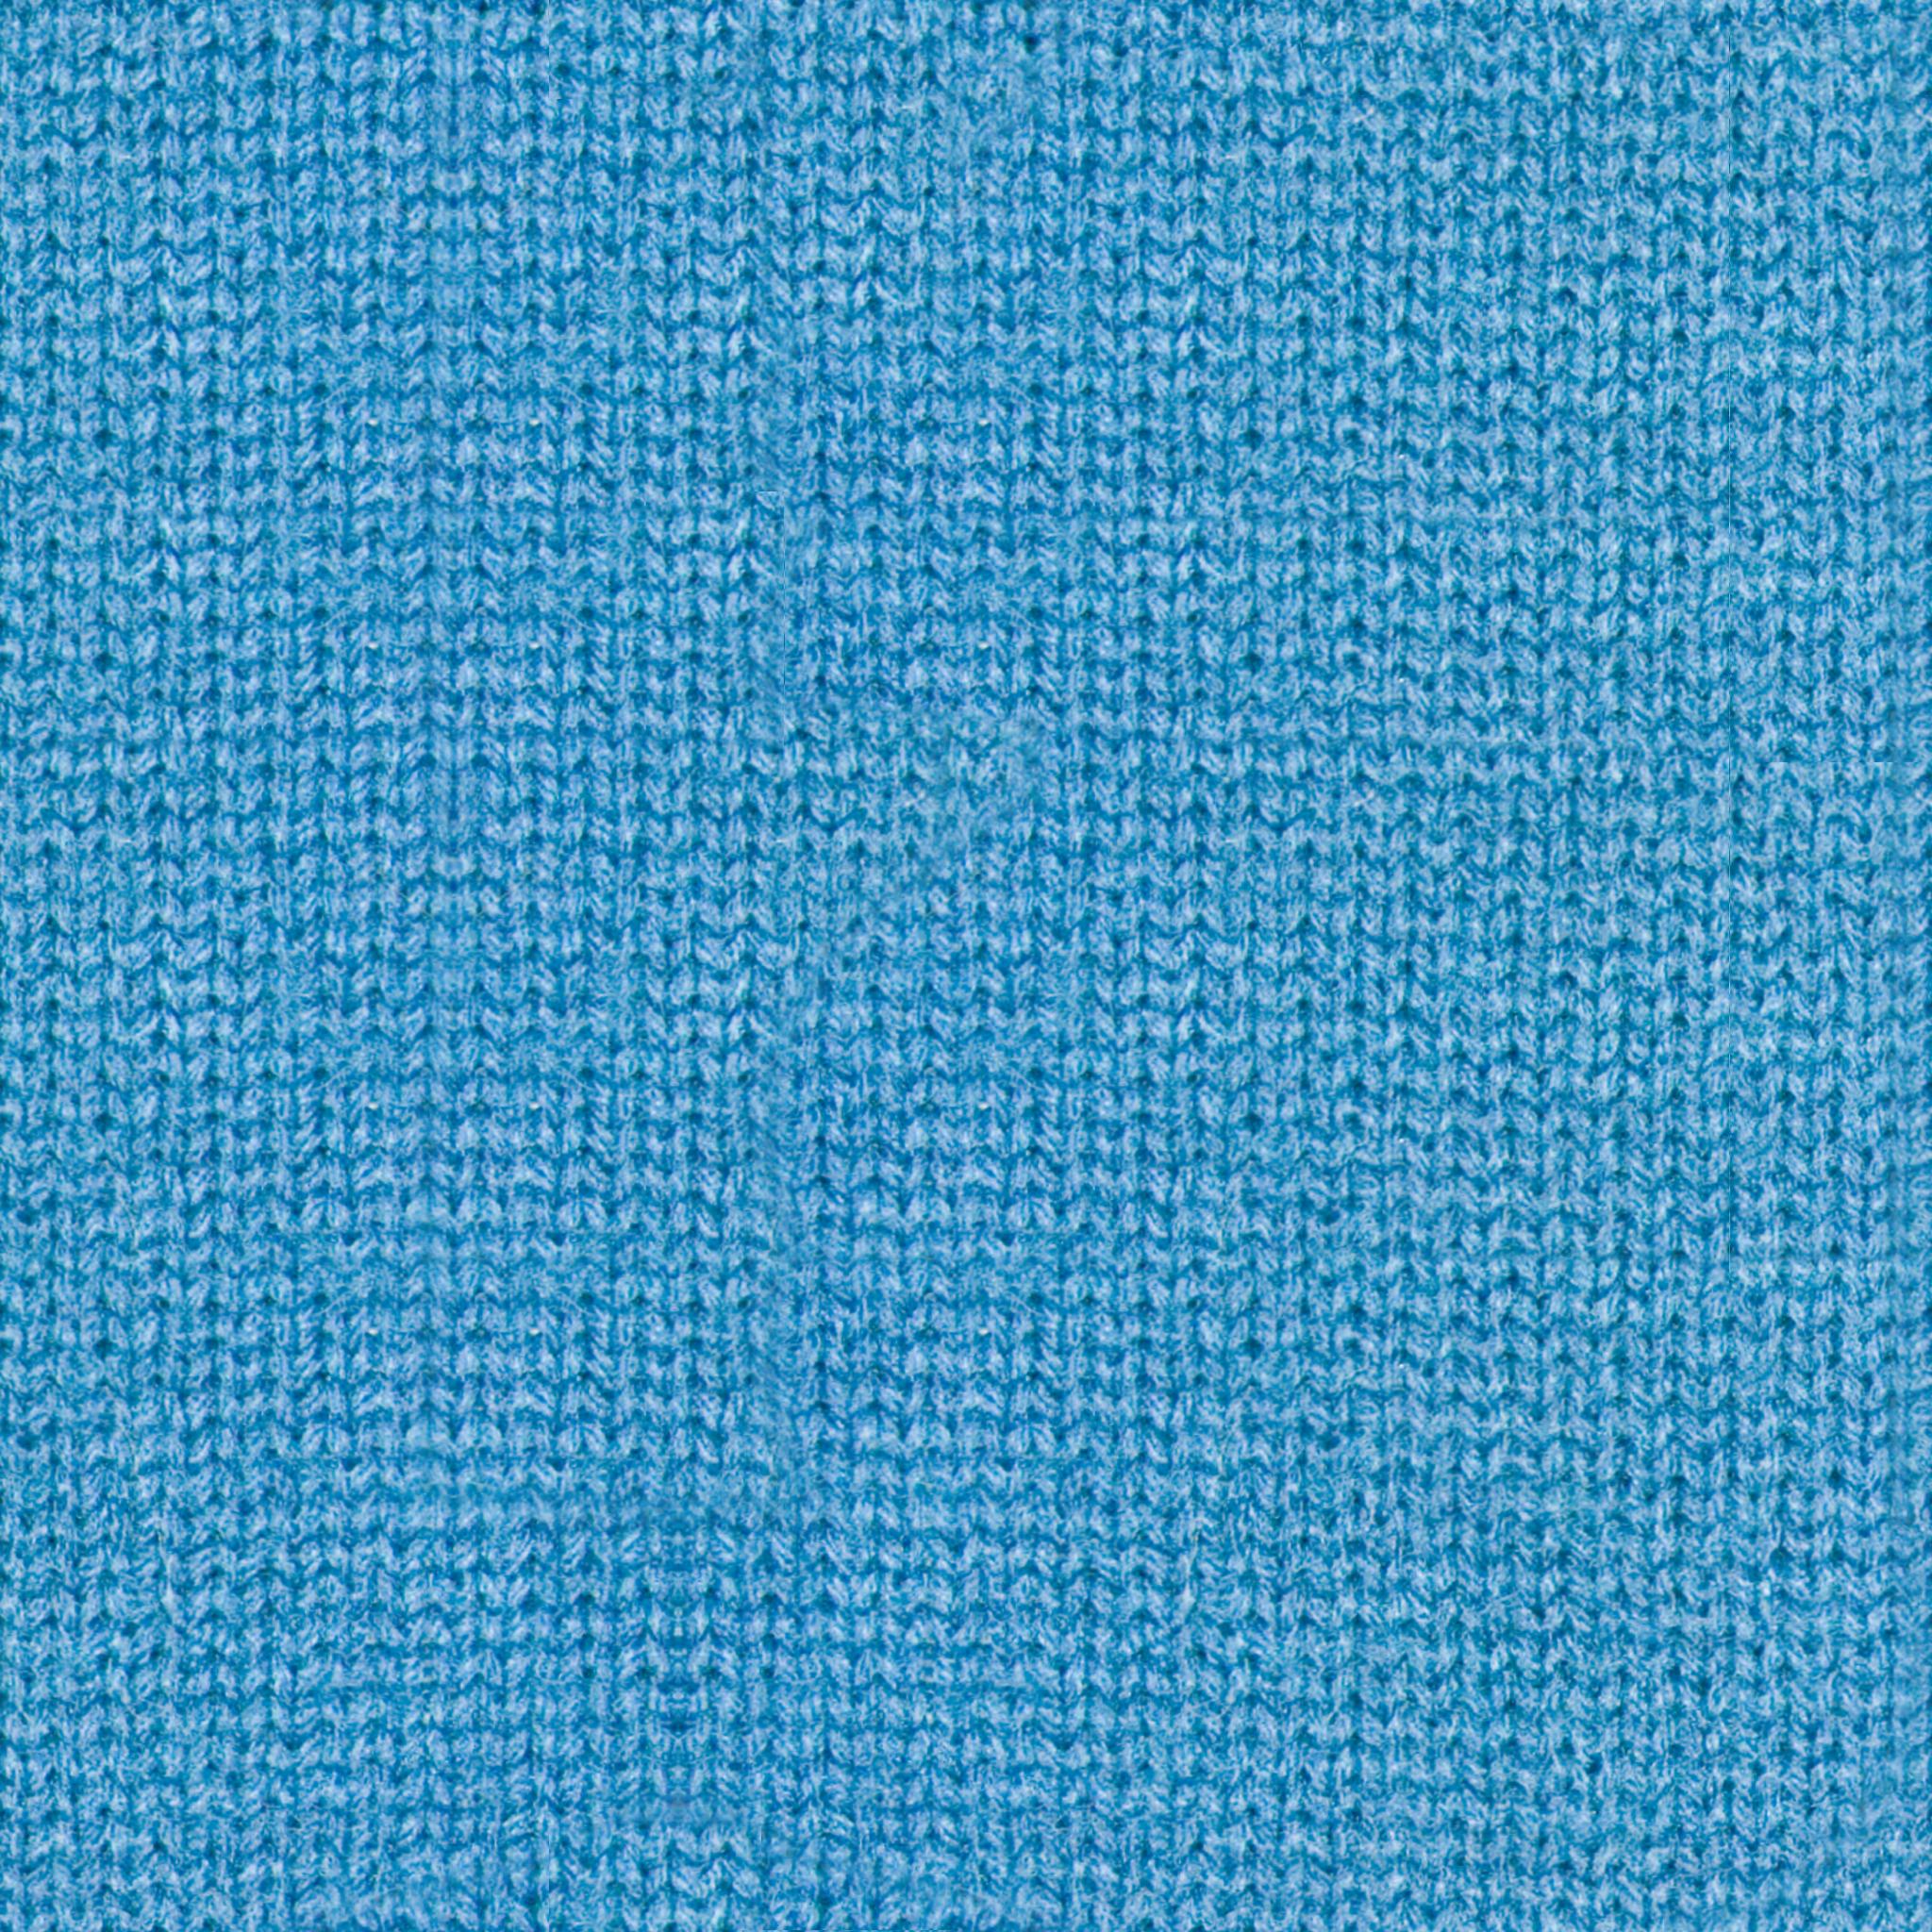 Blue Tight Knit.jpg